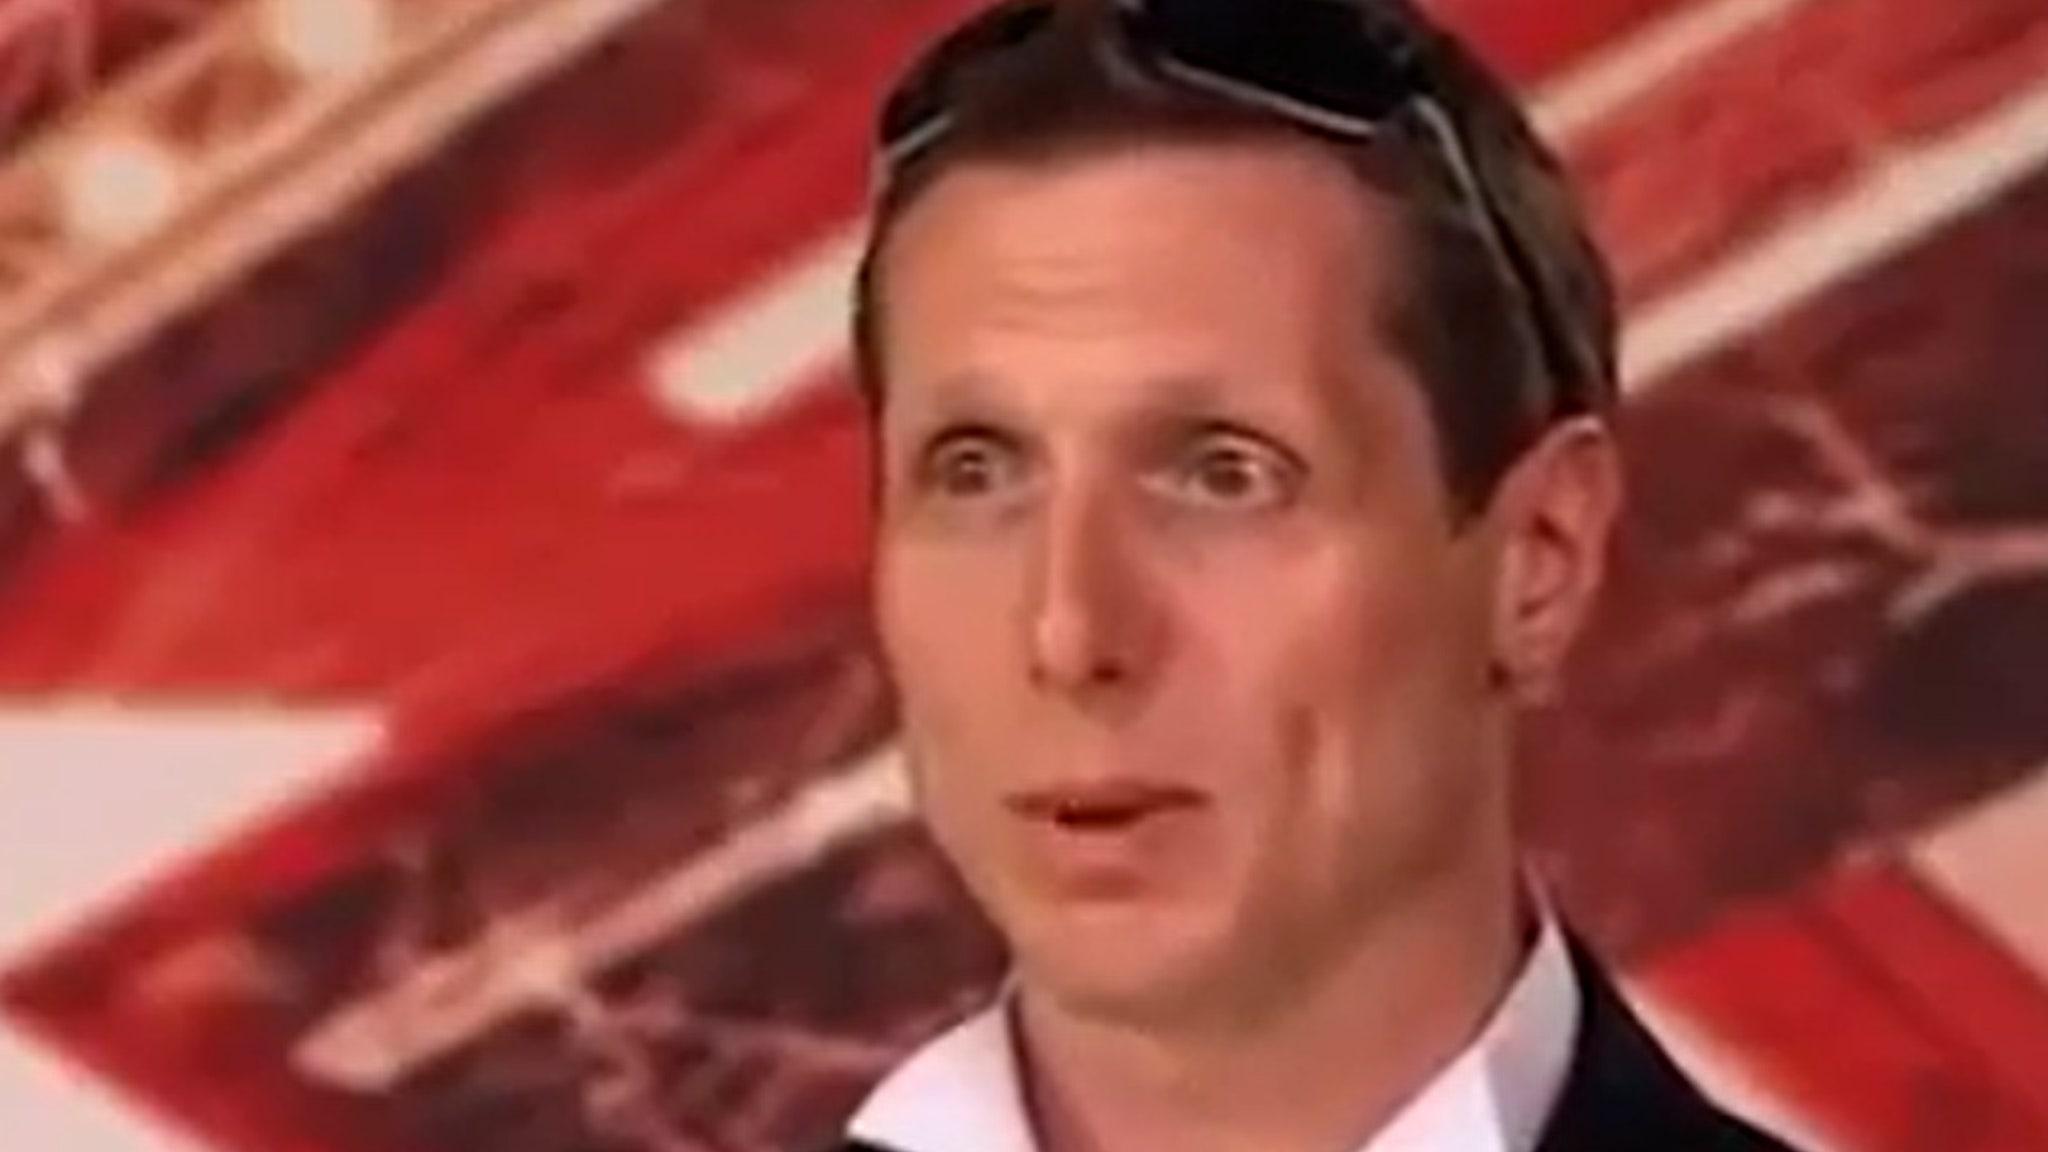 X Factor Serial Rapist Phillip Blackwell Jailed for Life